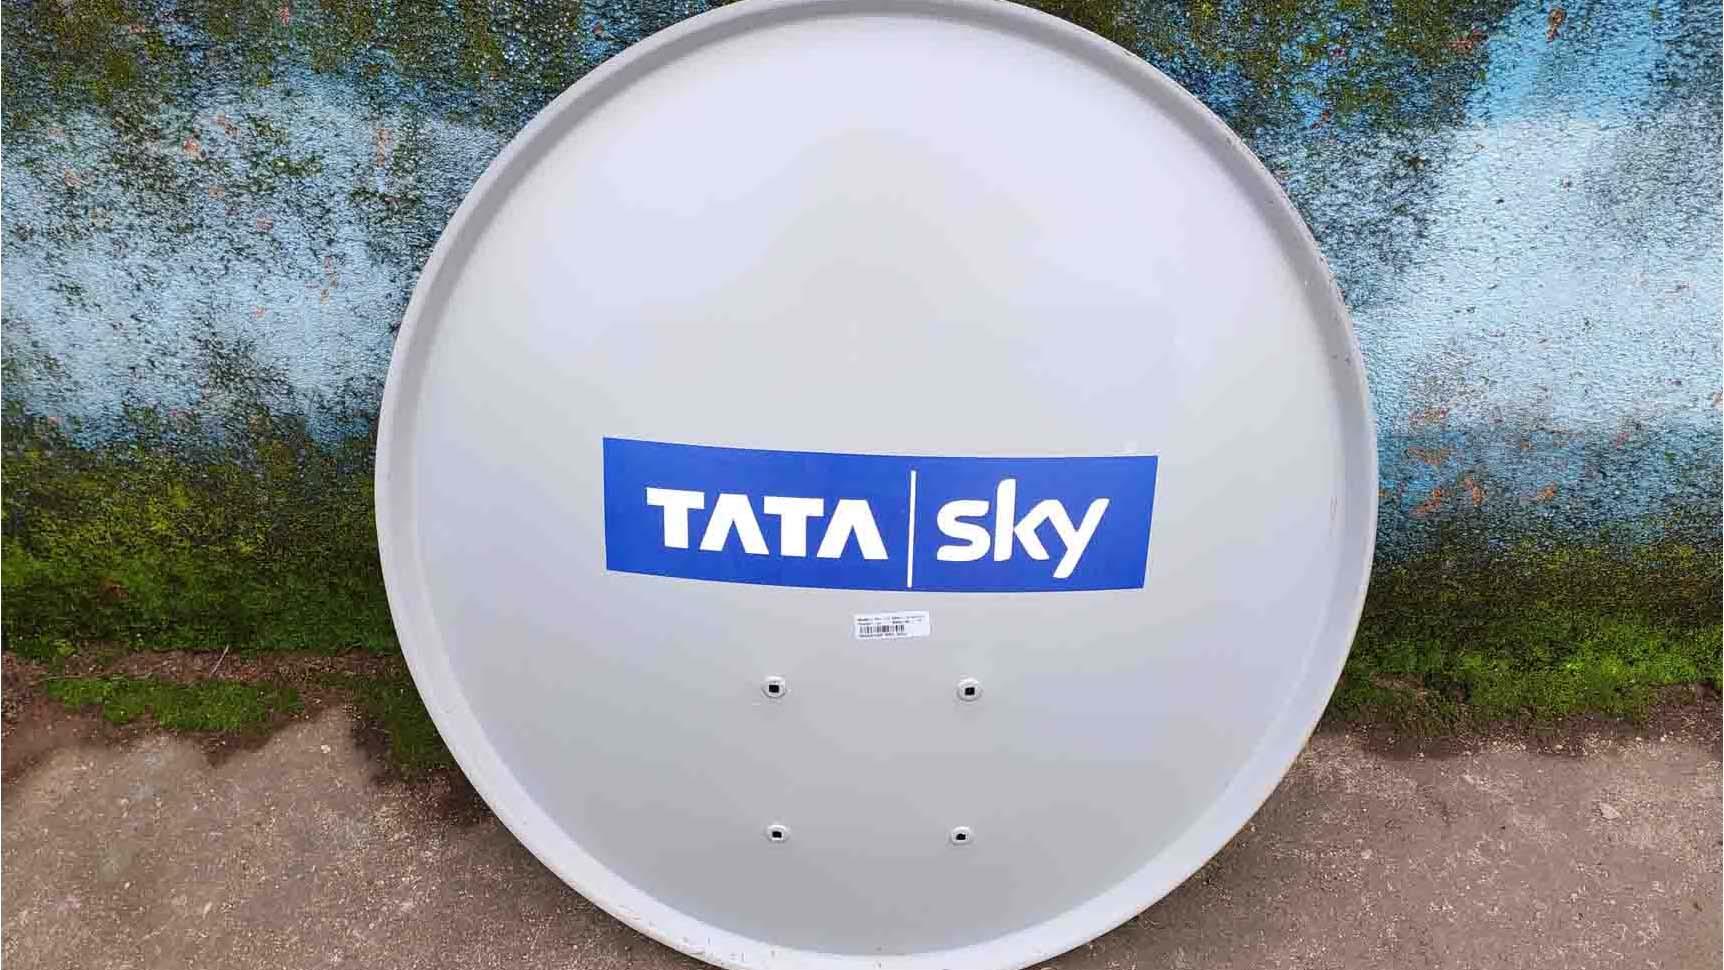 Tata Sky 16 9 New Dish